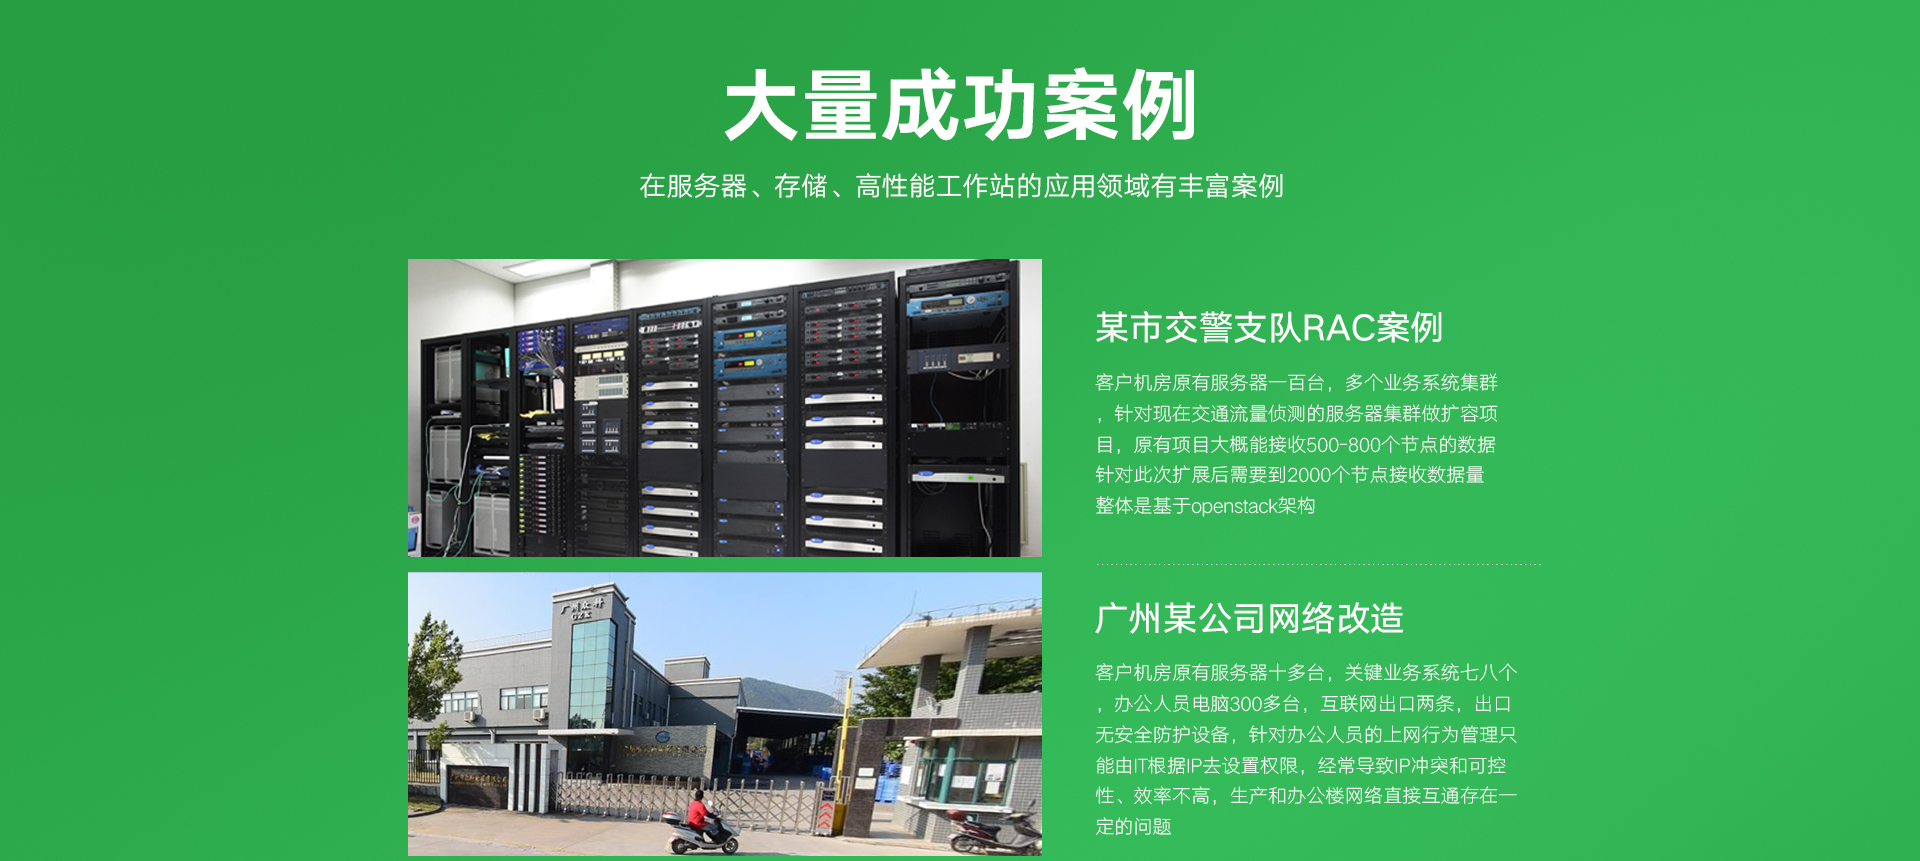 公司介绍-二级页面_12.jpg